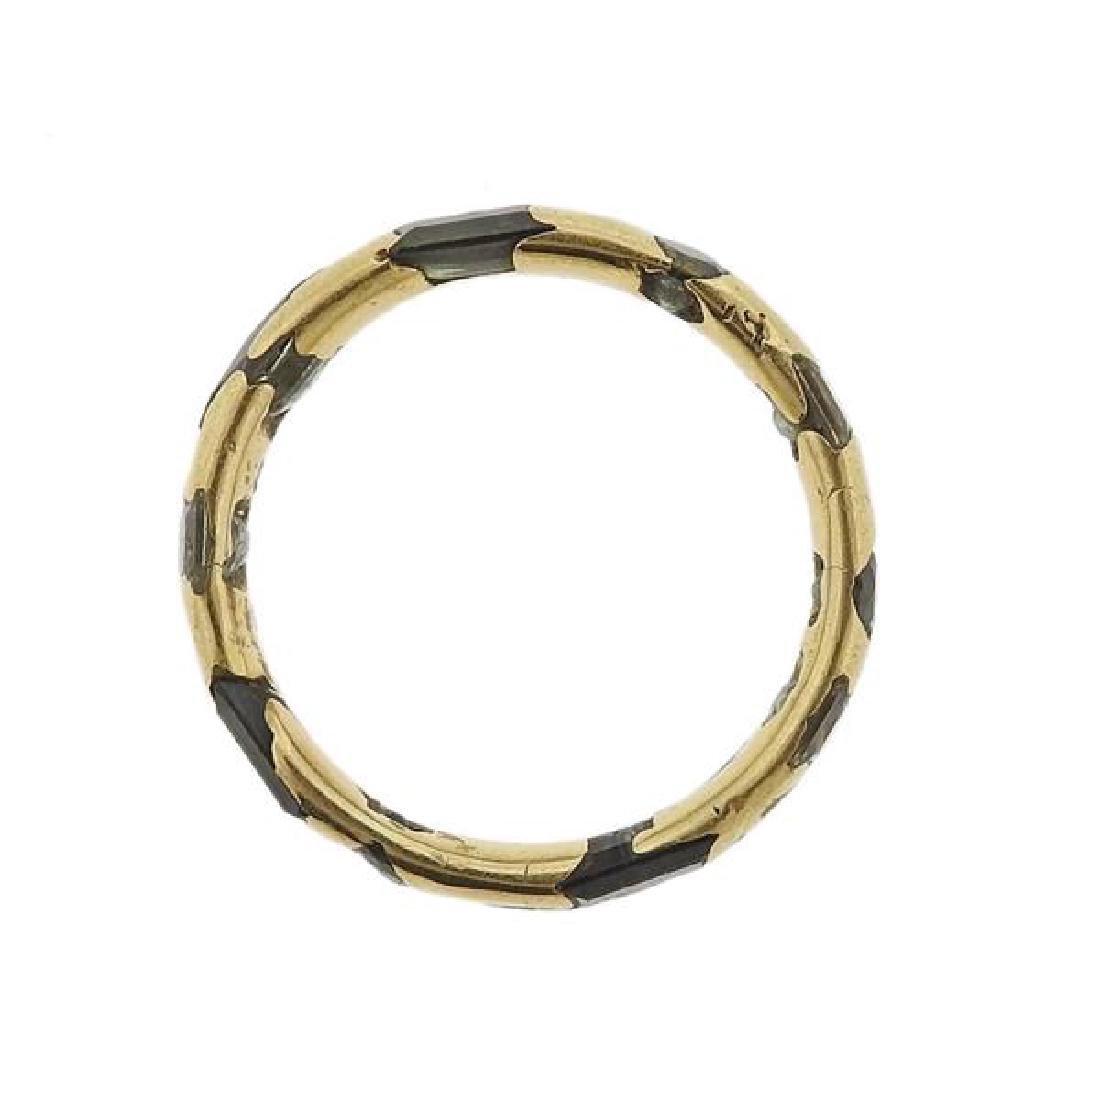 English 18K Gold Green Gemstone Band Ring - 3